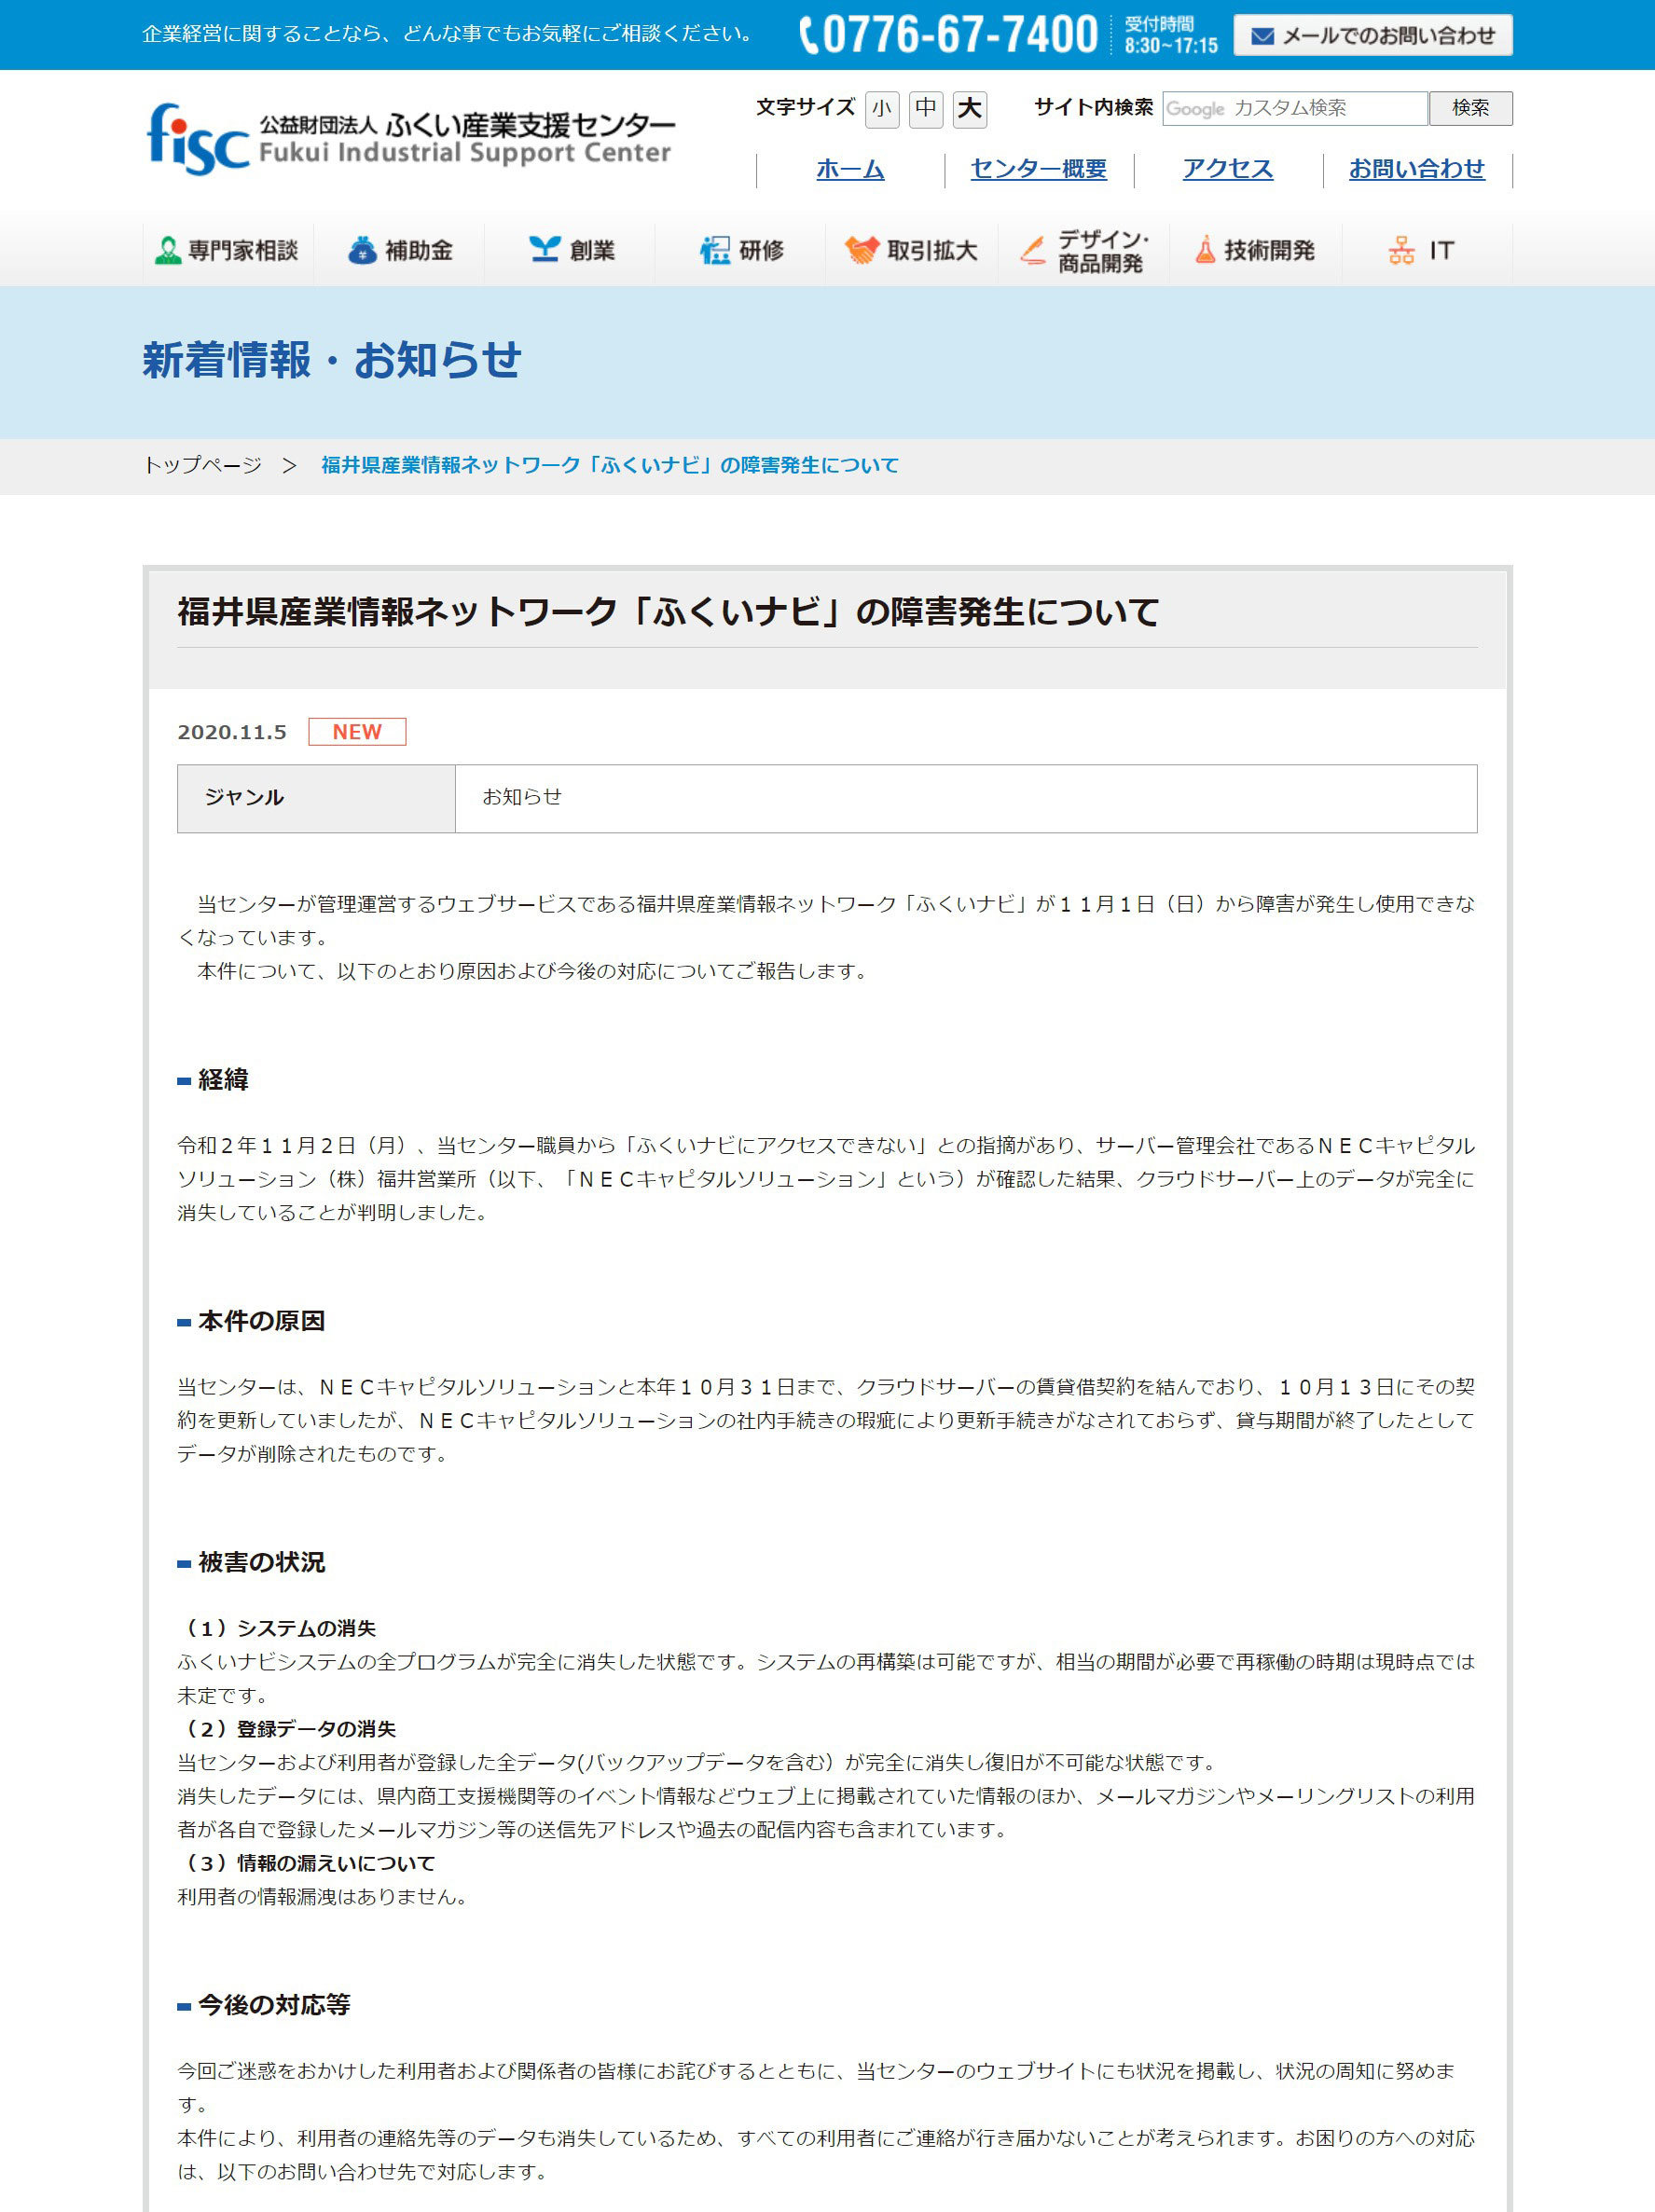 サーバ管理会社が契約更新ミス 「ふくいナビ」全データがクラウドから消失、復旧不能に - ITmedia NEWS